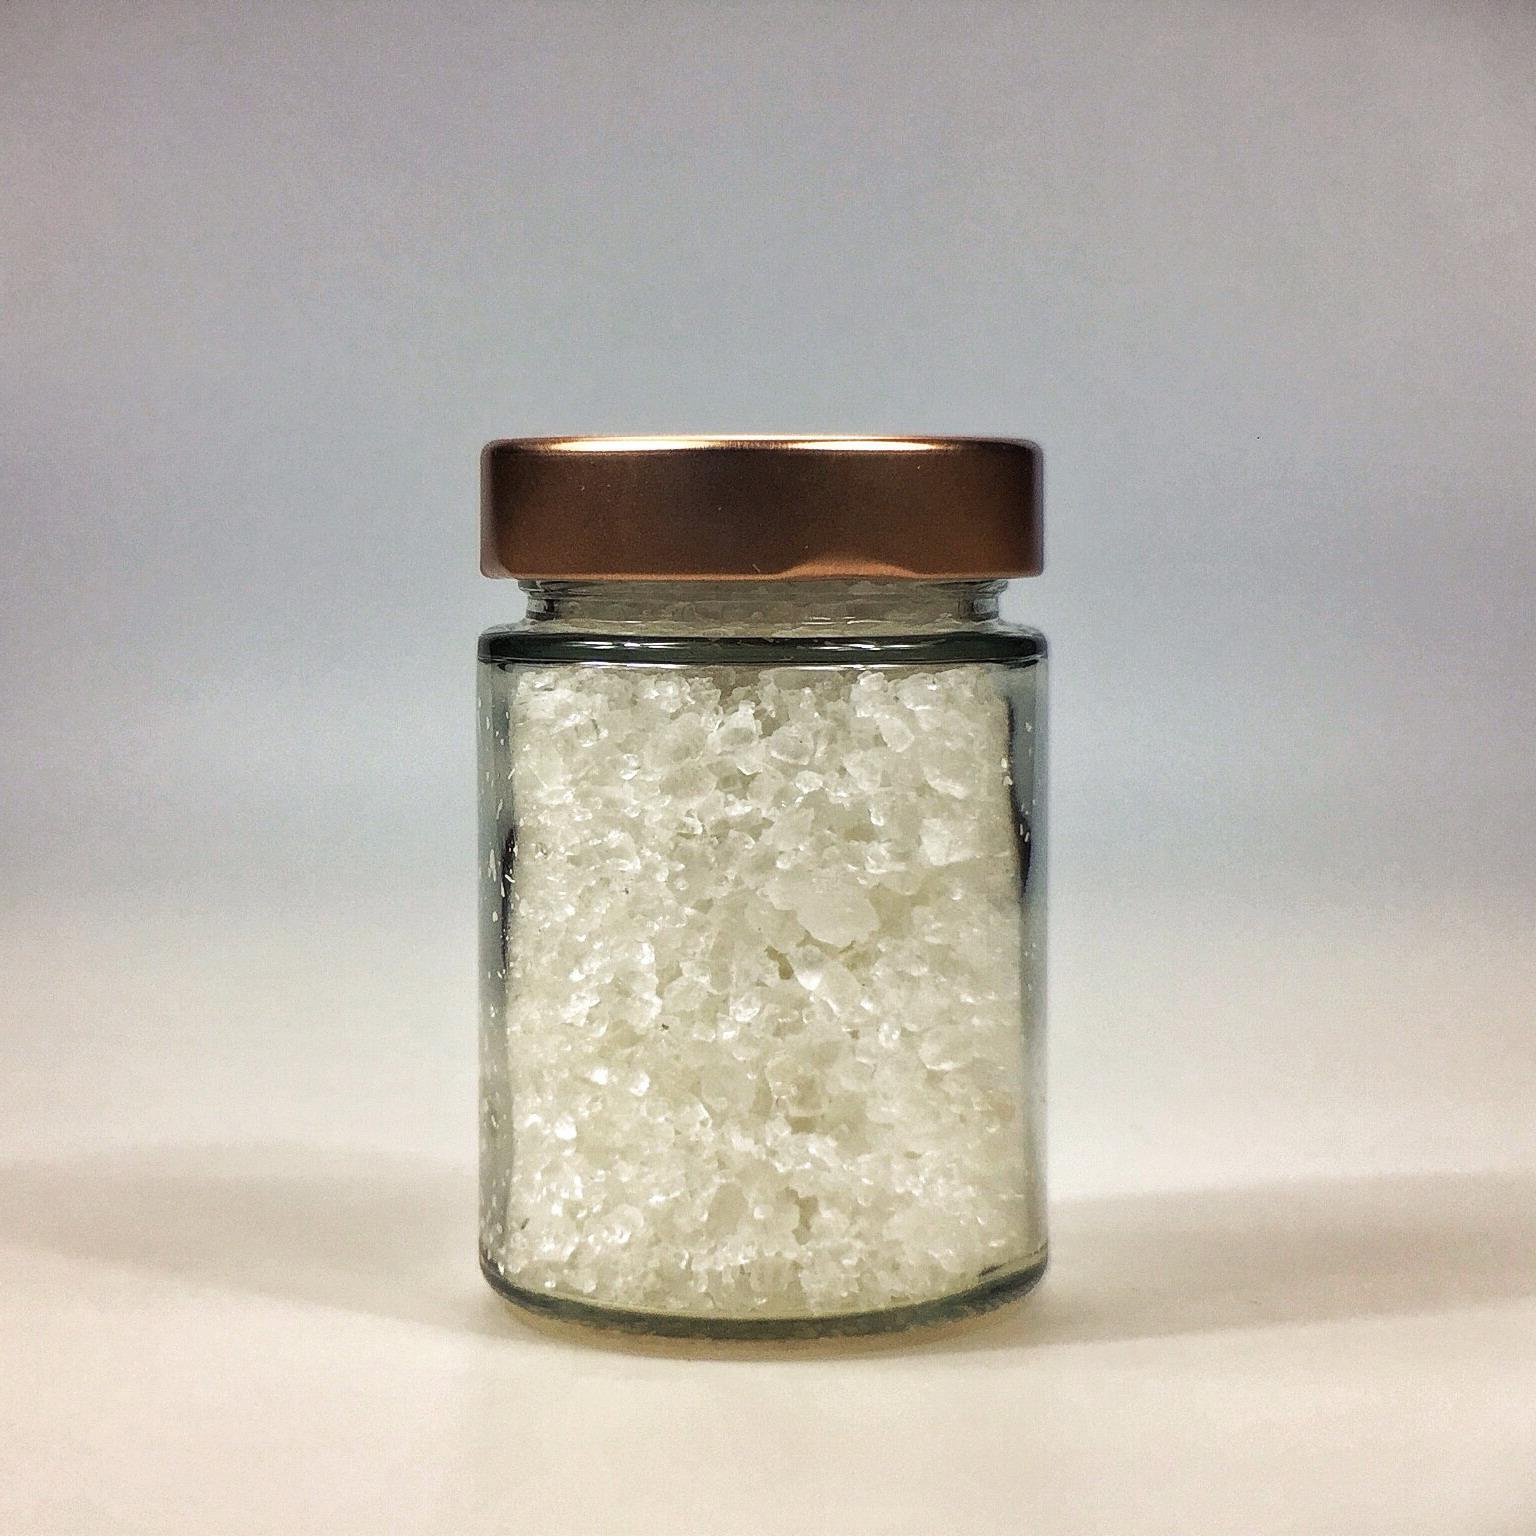 Halit Salz grob gemahlen für Salzmühle im kleinen Glas mit Kupferdeckel